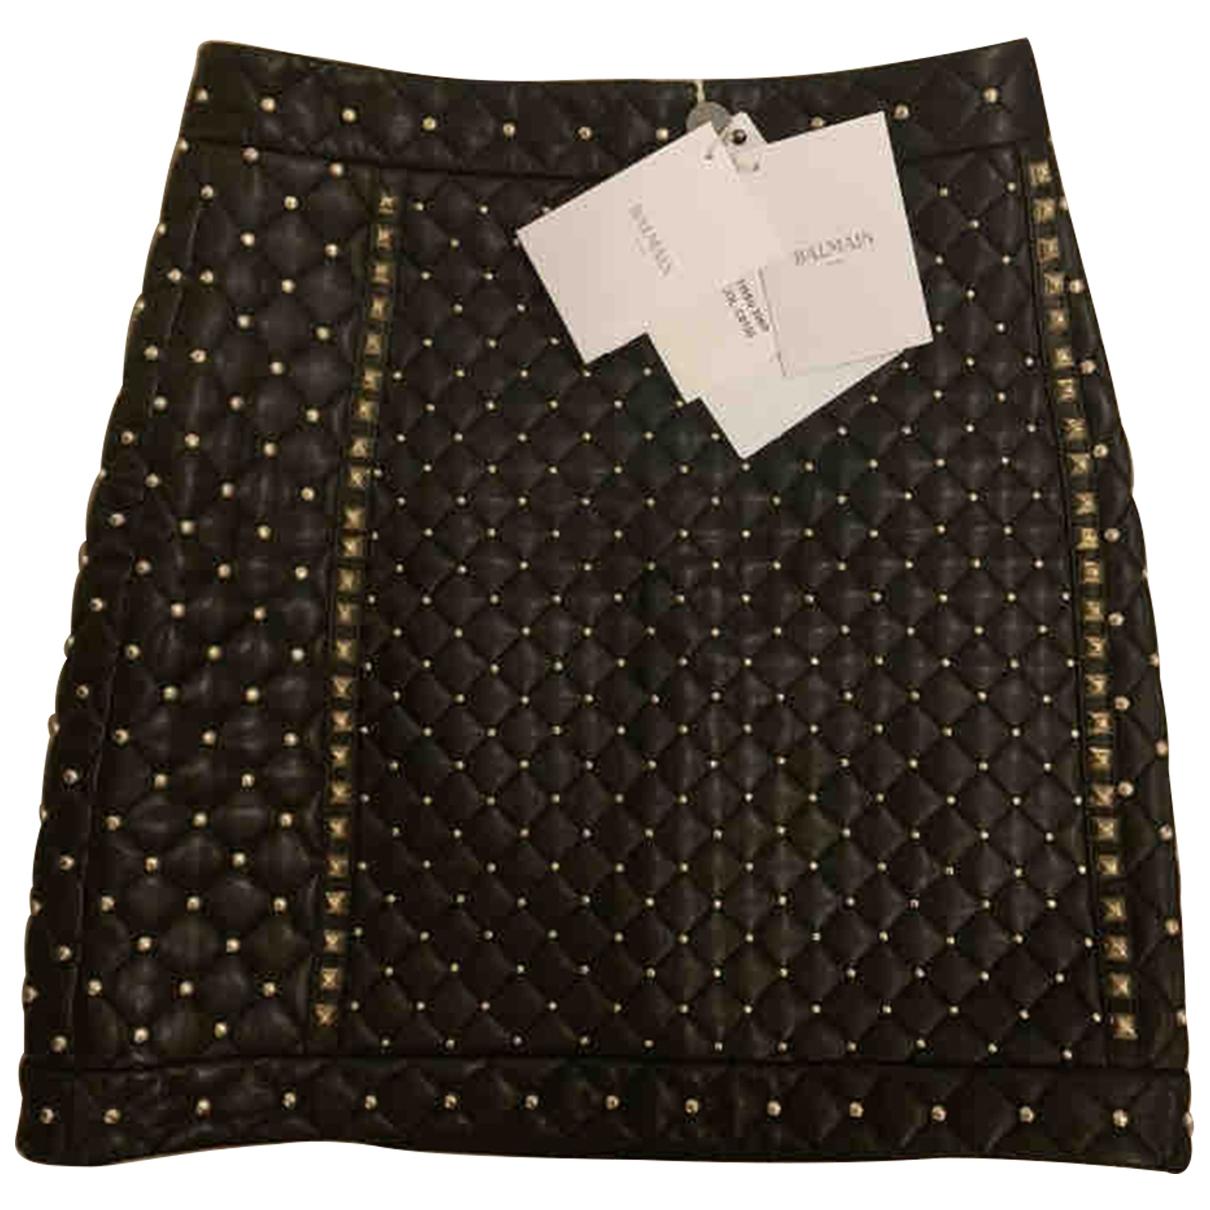 Balmain \N Black Leather skirt for Women 10 UK